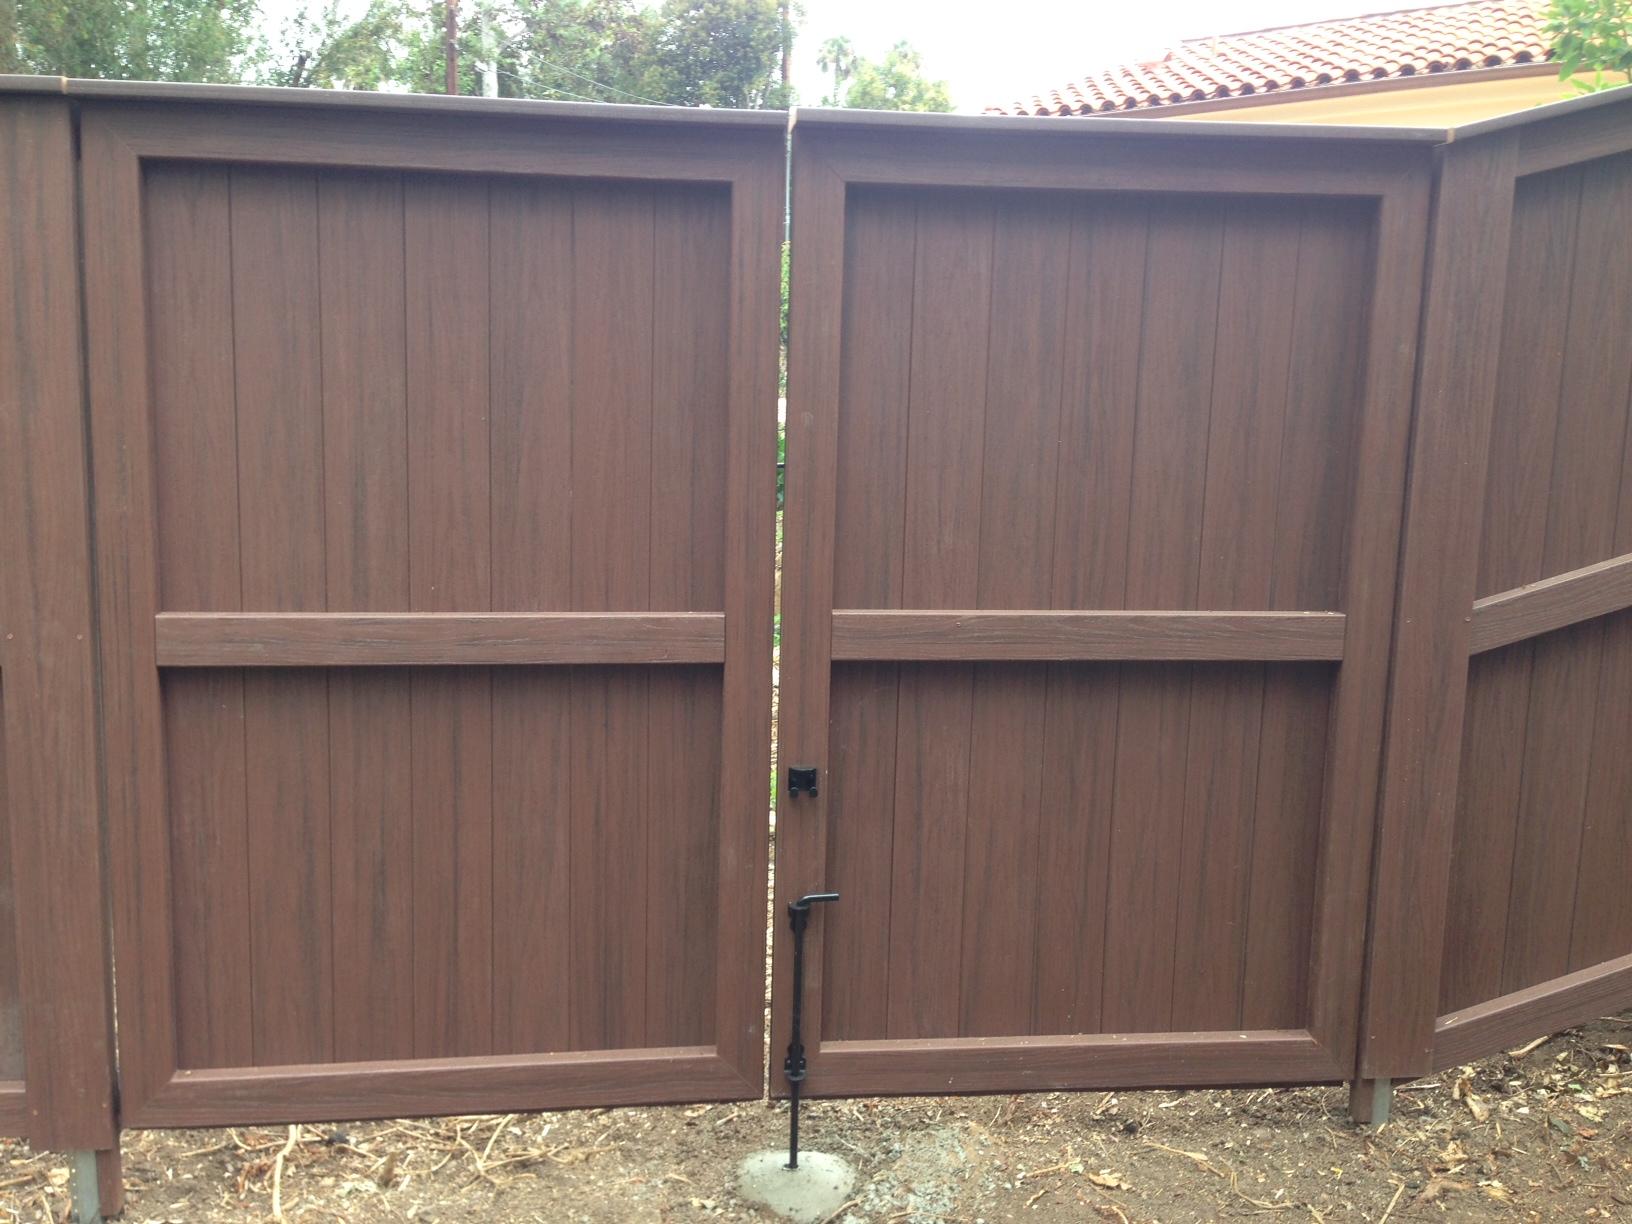 Vinyle Fence